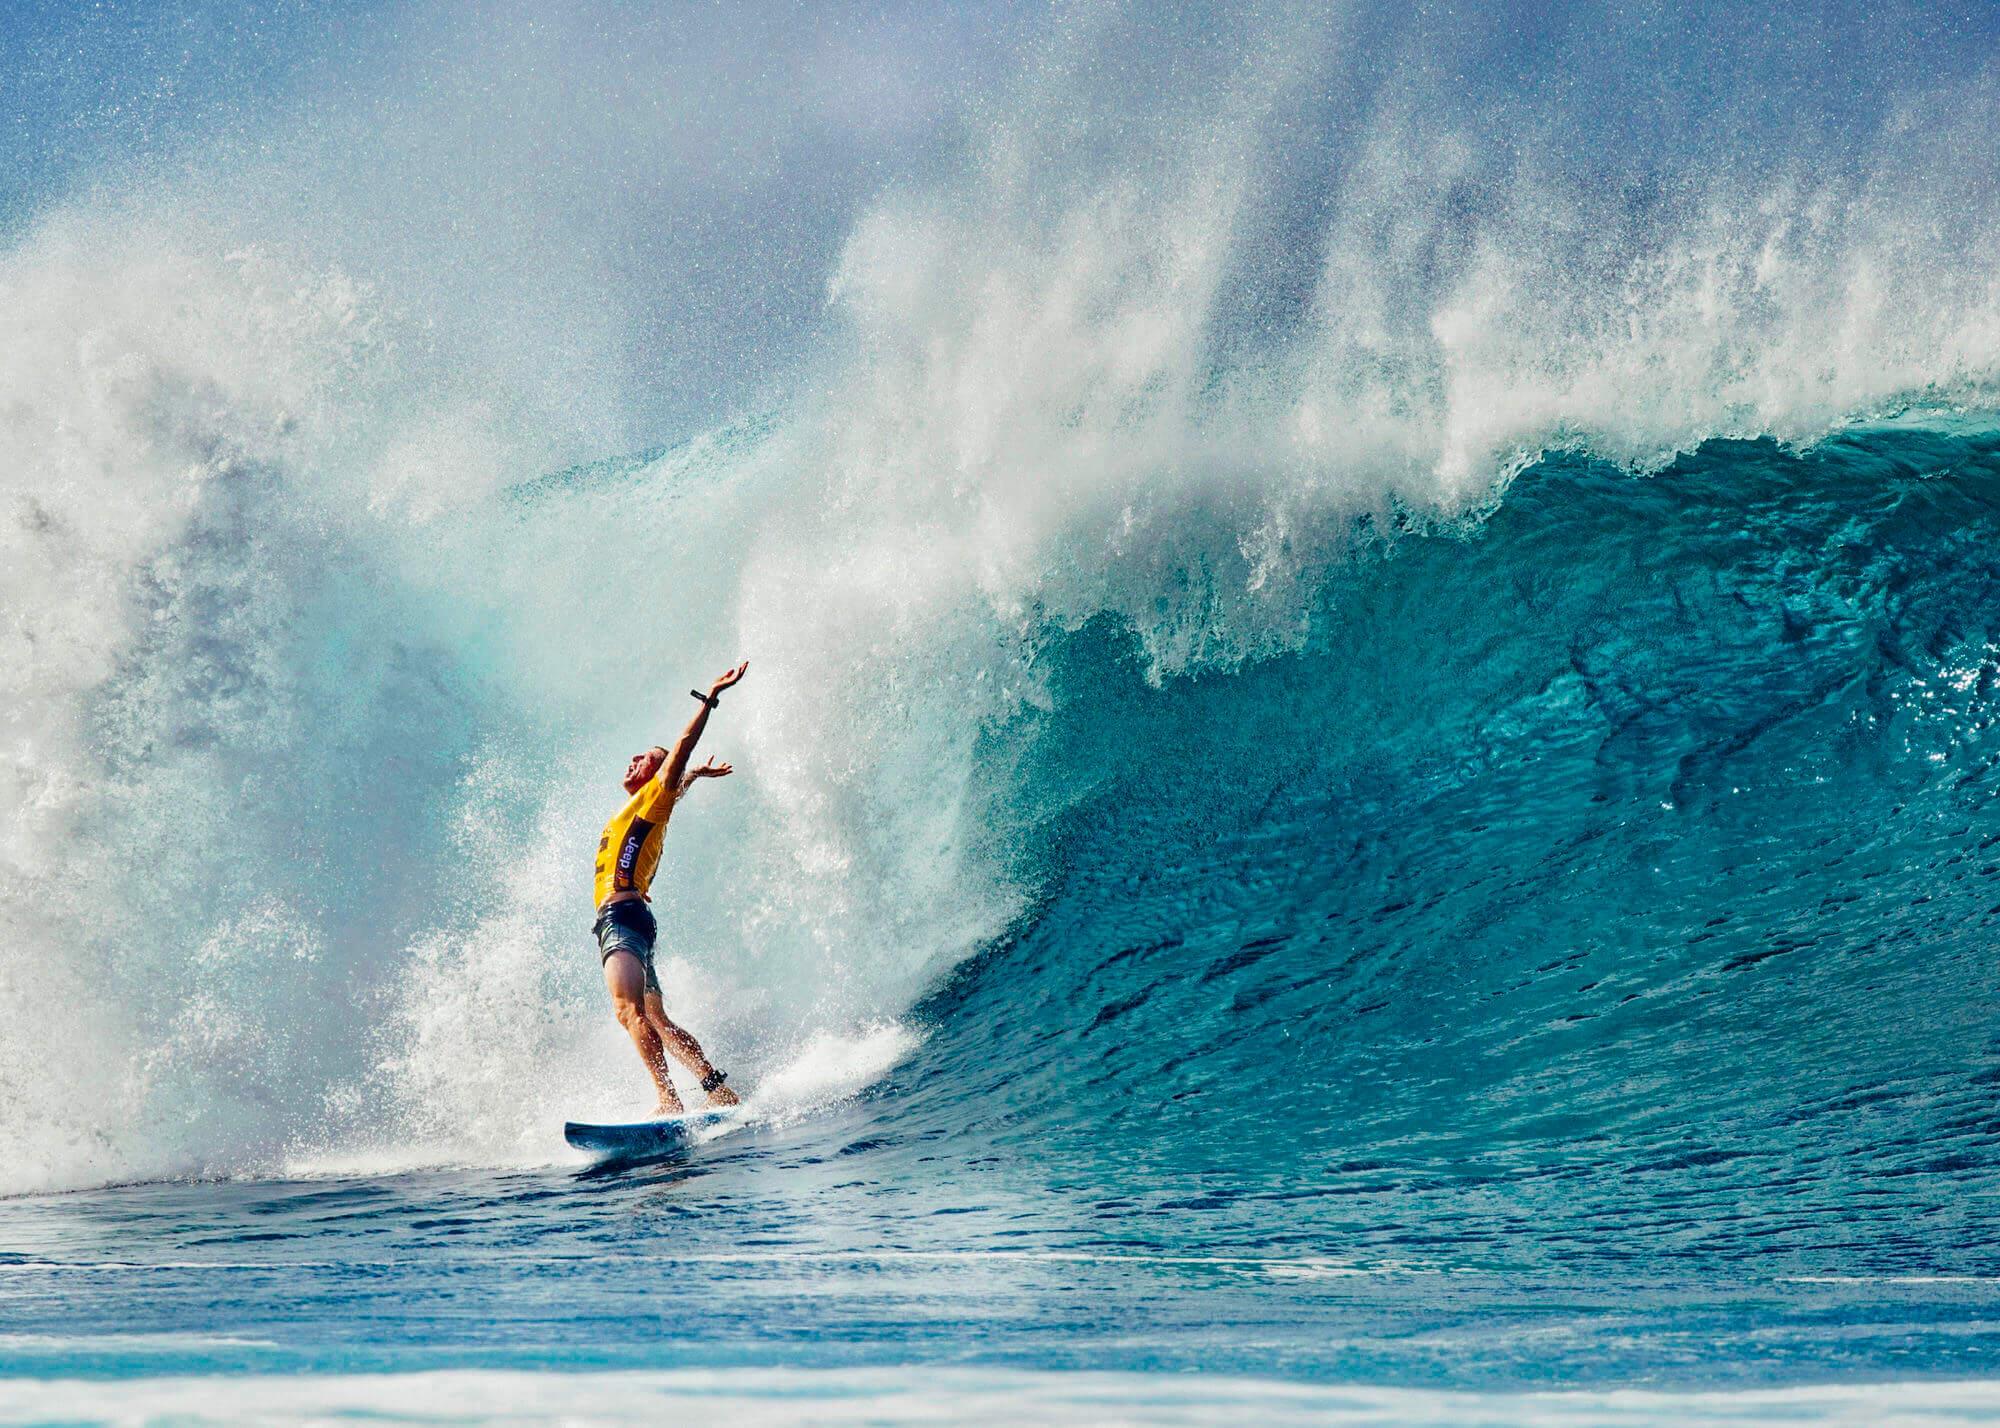 Man celebrating on surf board